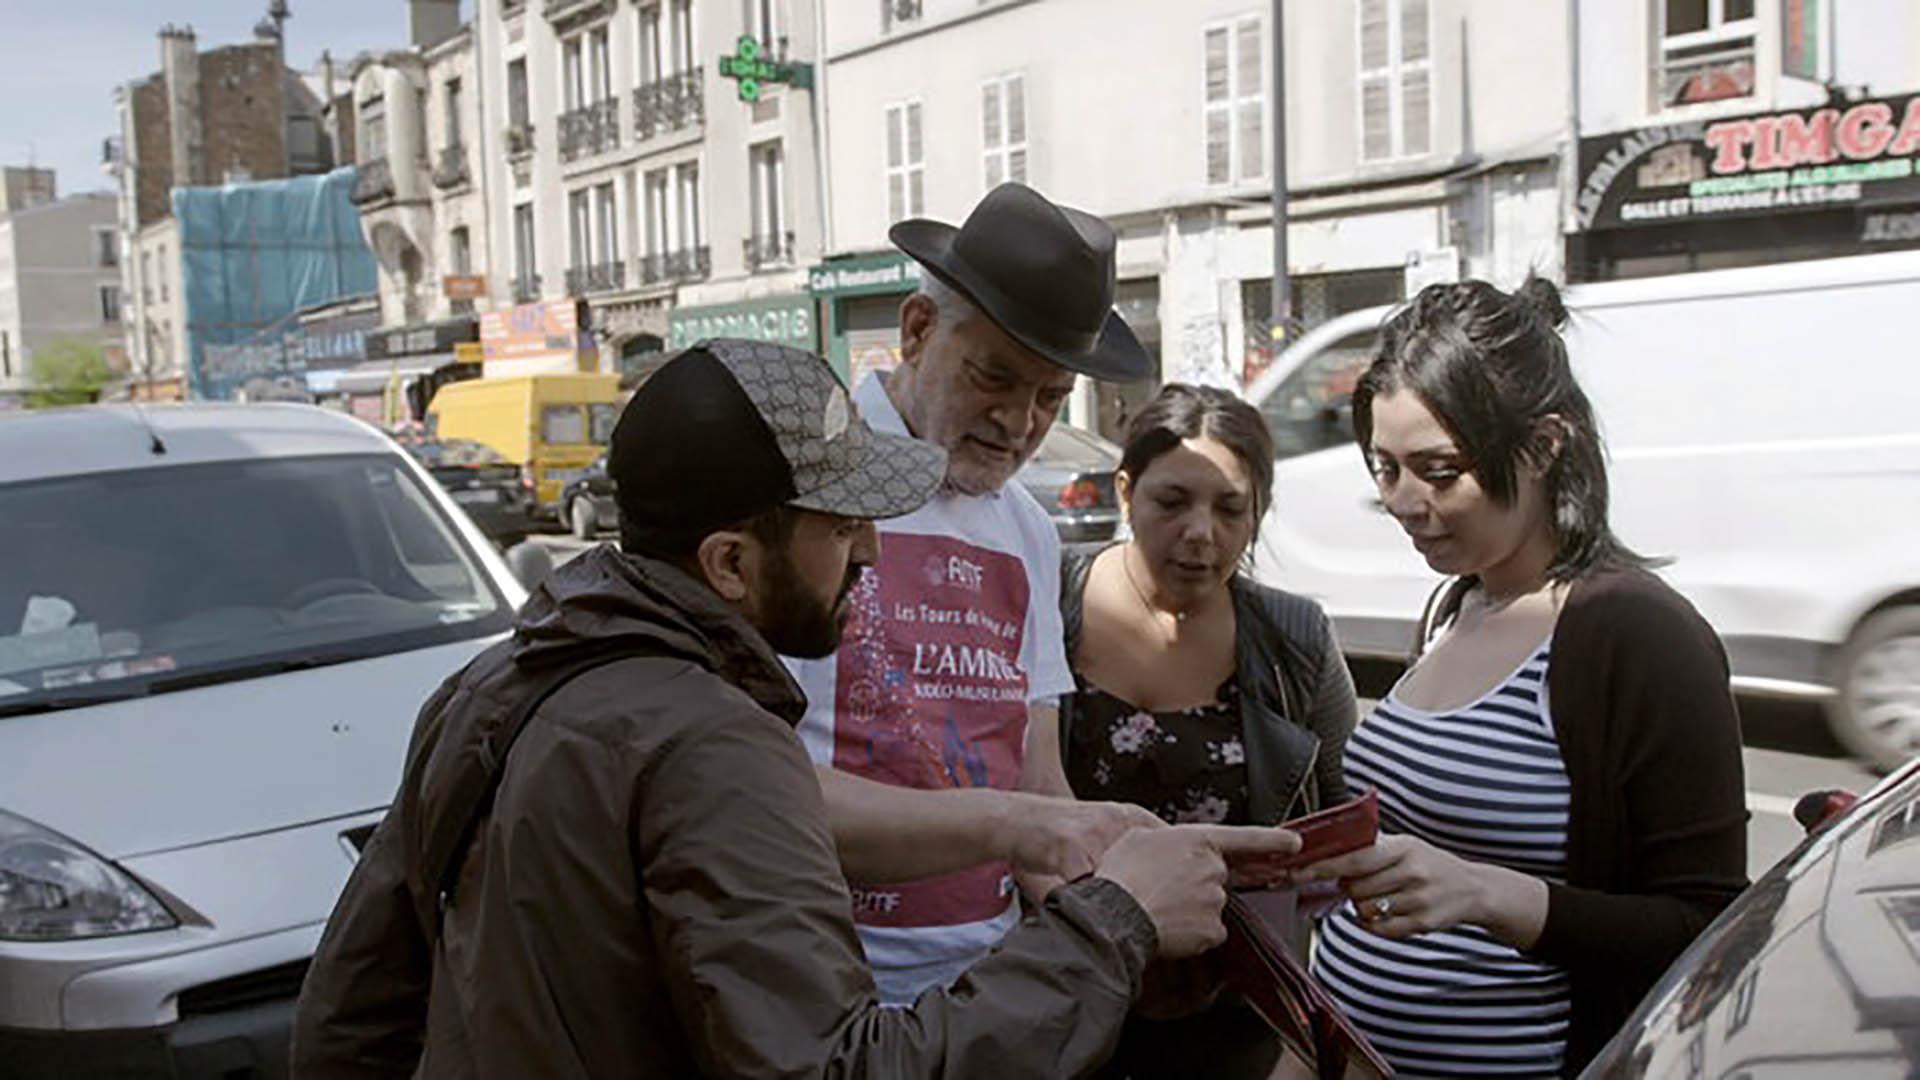 Der Rabbiner Michel Serfaty (2.v.l.), Präsident einer jüdisch-muslimischen Organisation, setzt sich im Gespräch mit Muslimen für gegenseitiges Verständnis ein